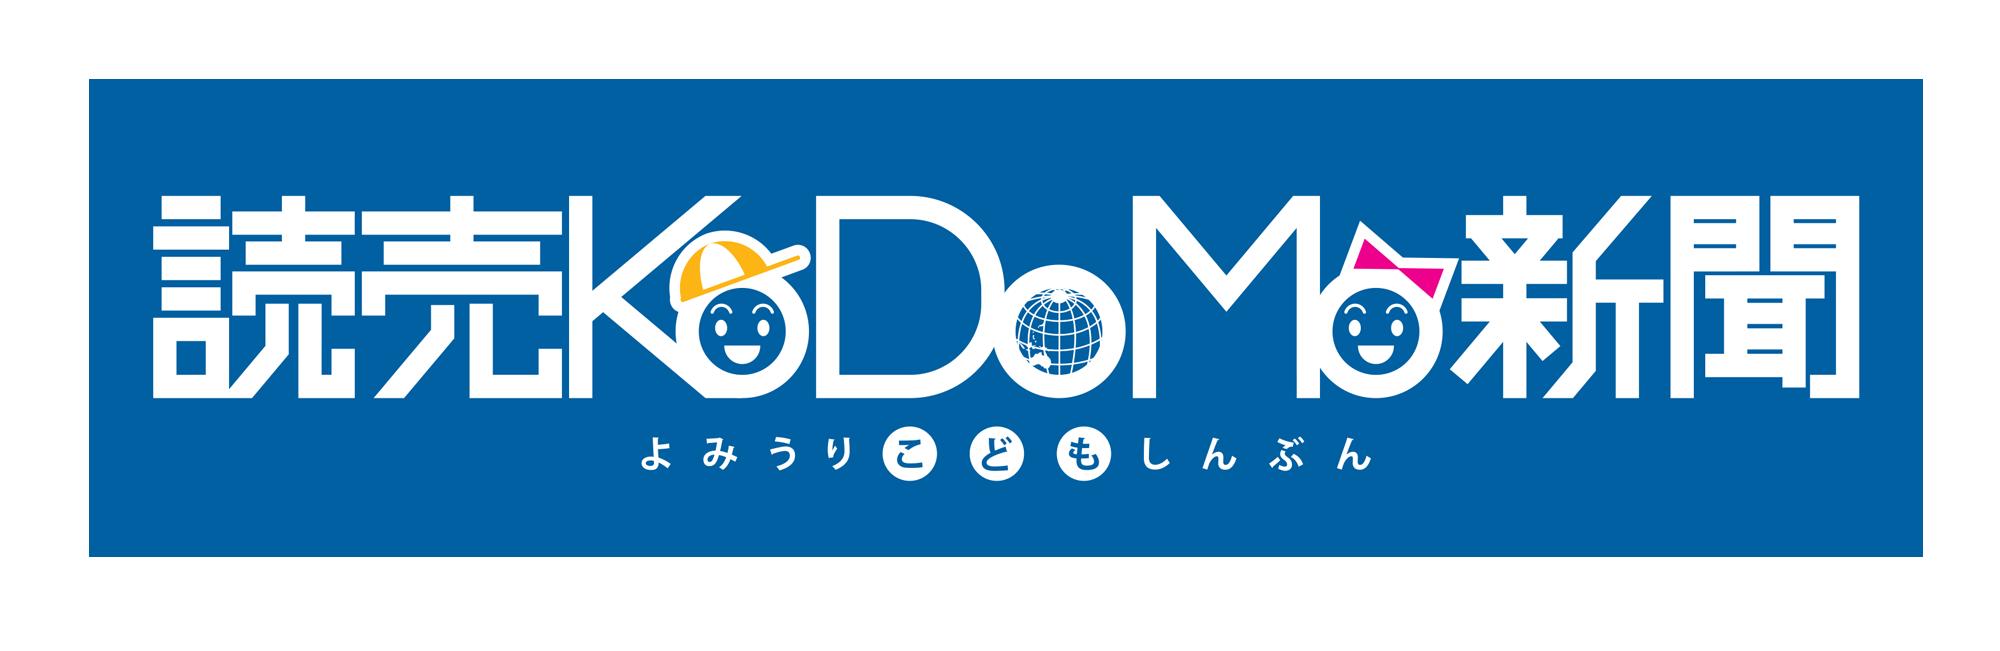 読売KODOMO新聞ロゴの画像